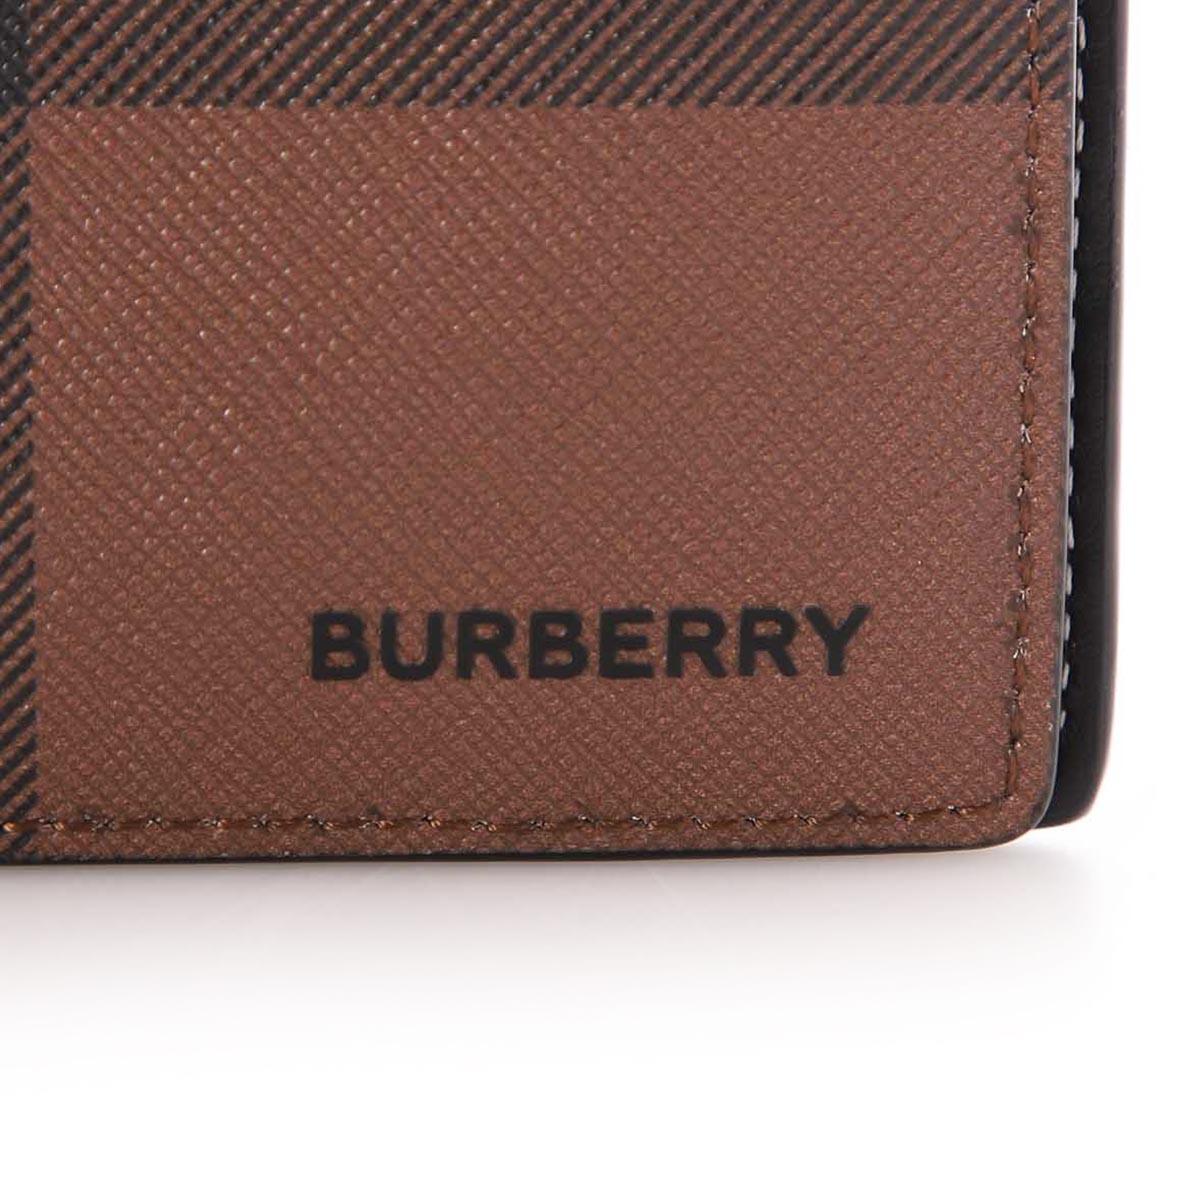 【タイムセール】BURBERRY バーバリー 長財布 小銭入れ付き メンズ